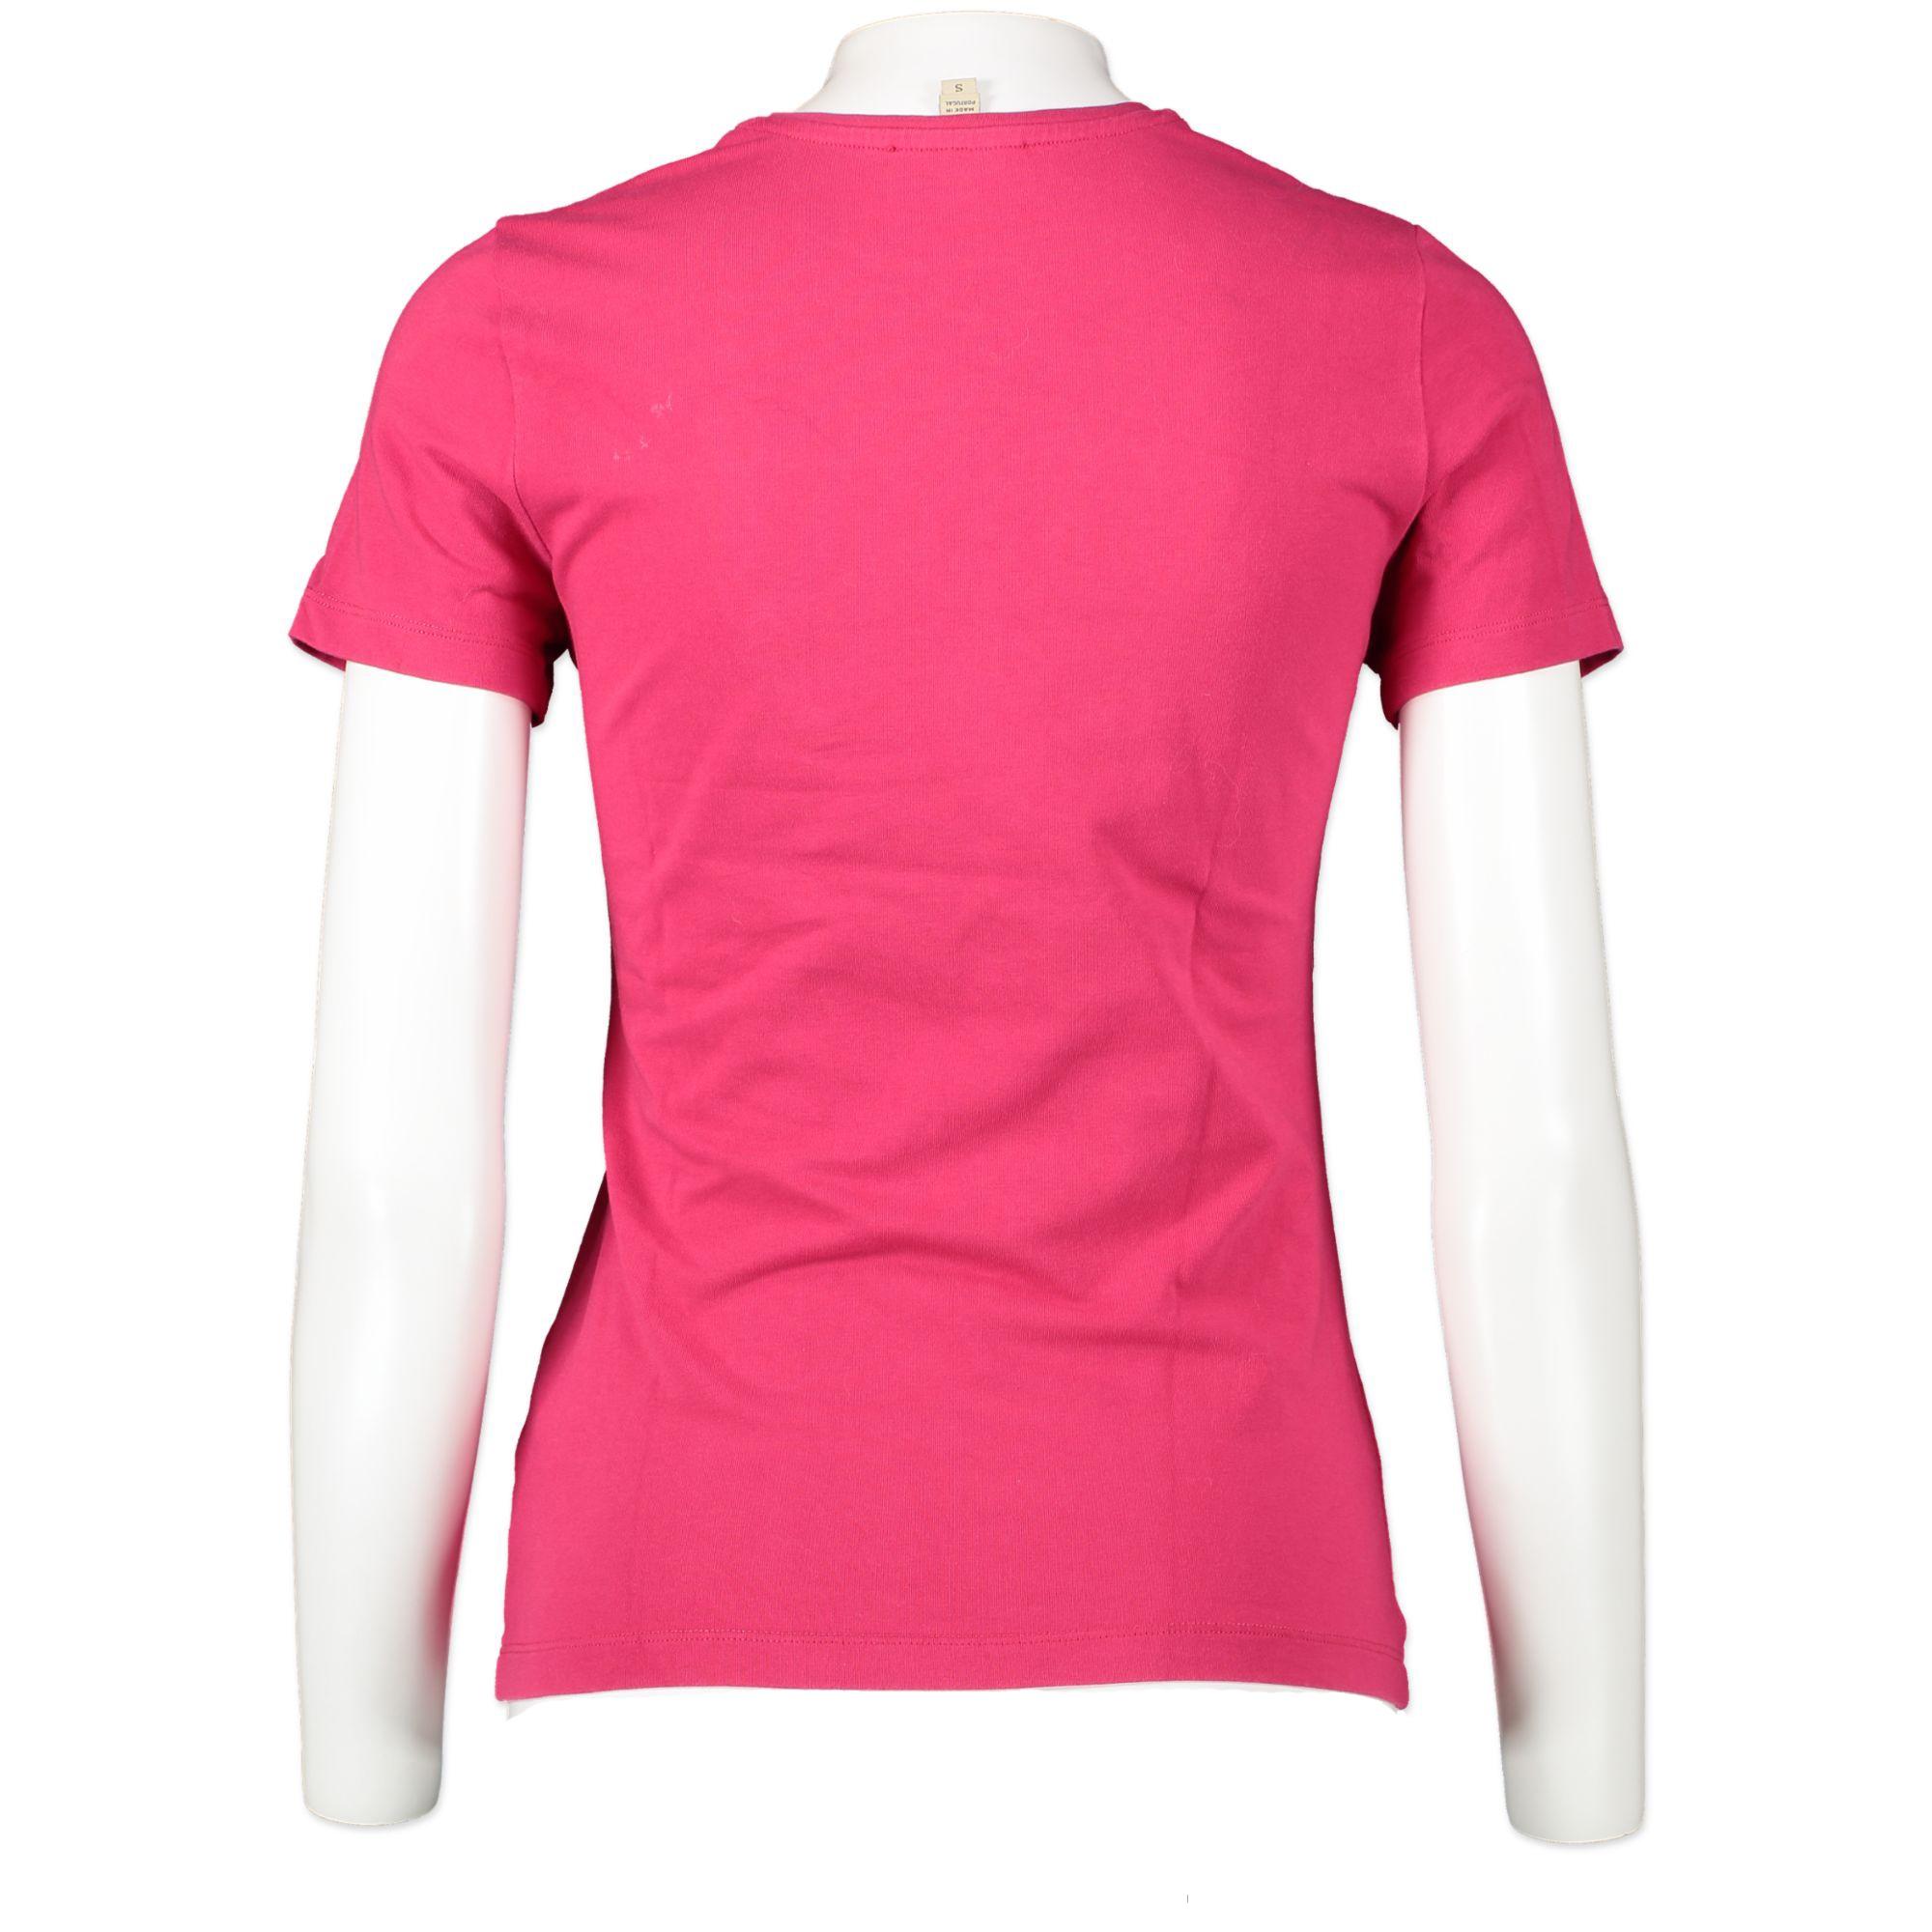 746 Burberry rhinestone tshirt pink